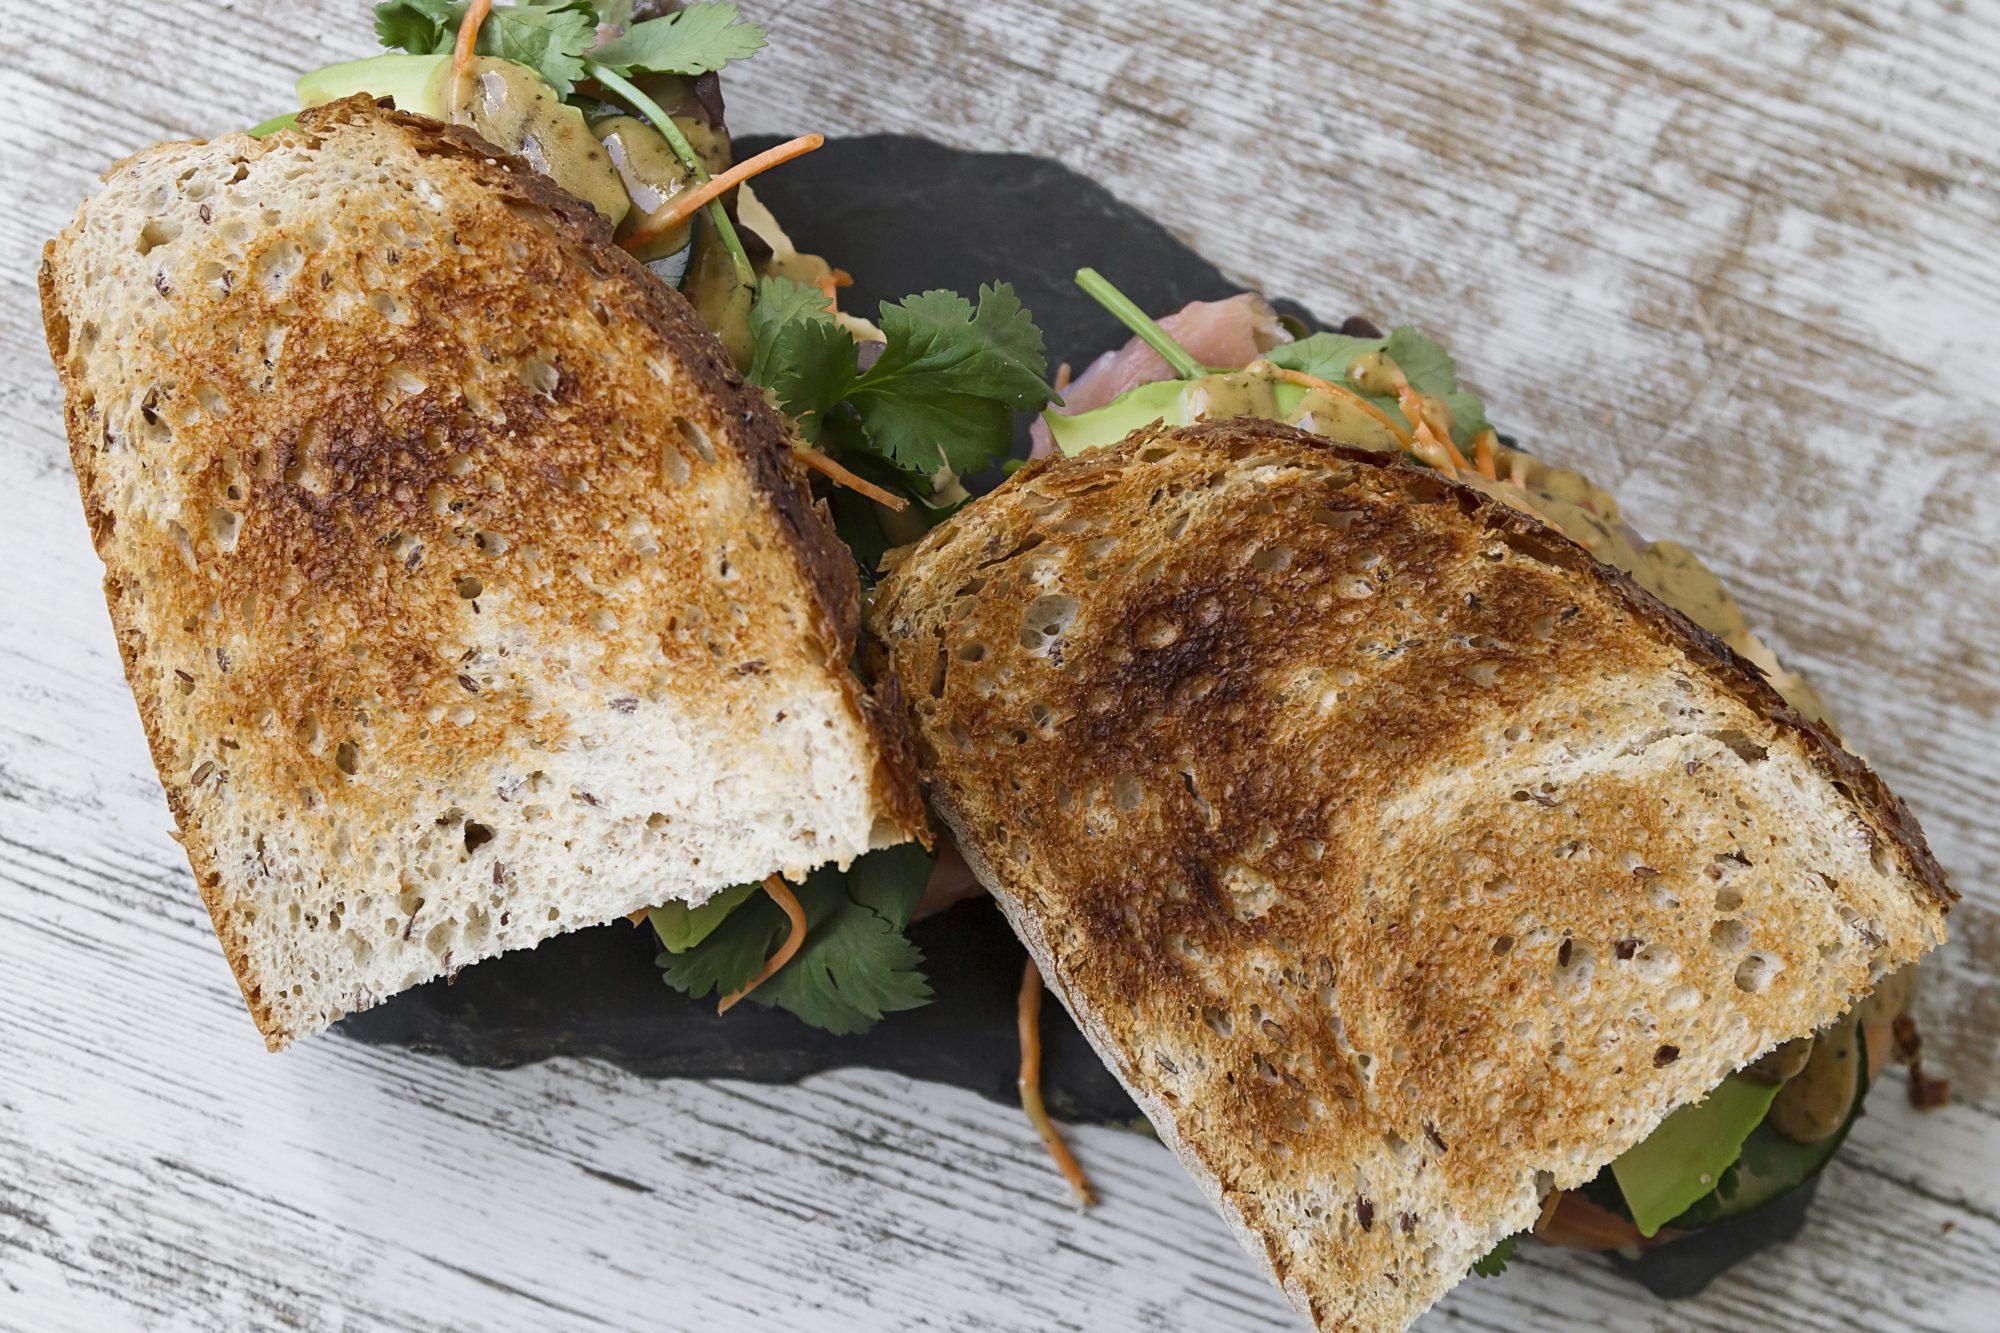 Sandwich Getty 2/7/20